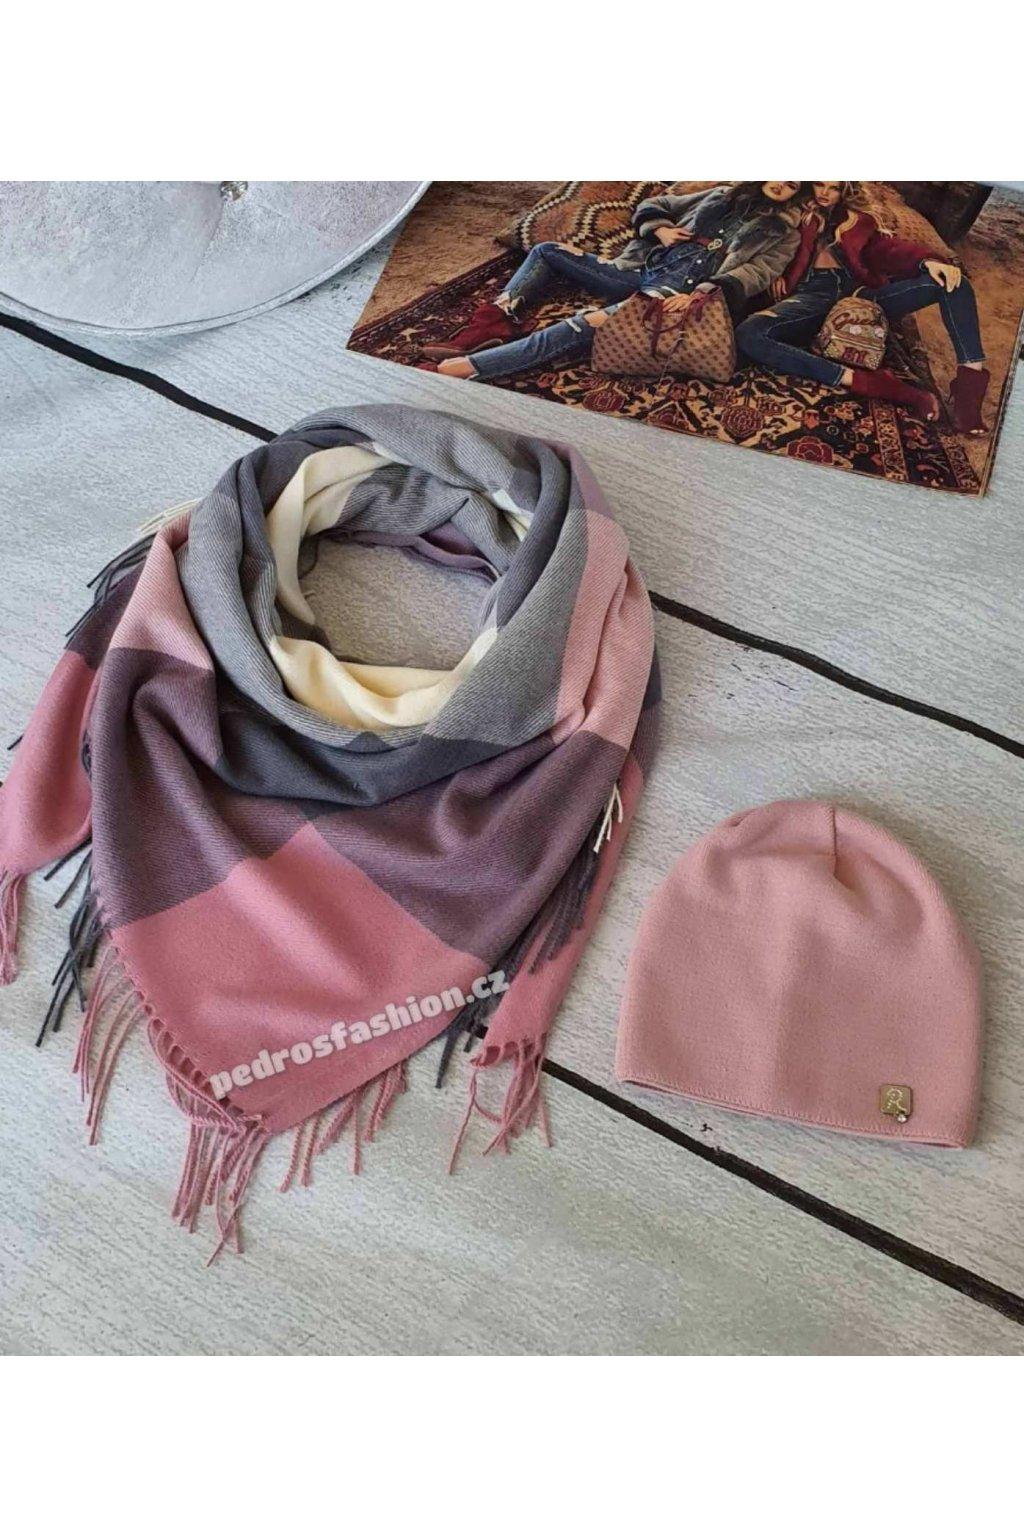 Sladěný set čepice a šátku v kombinaci růžové a šedé barvy